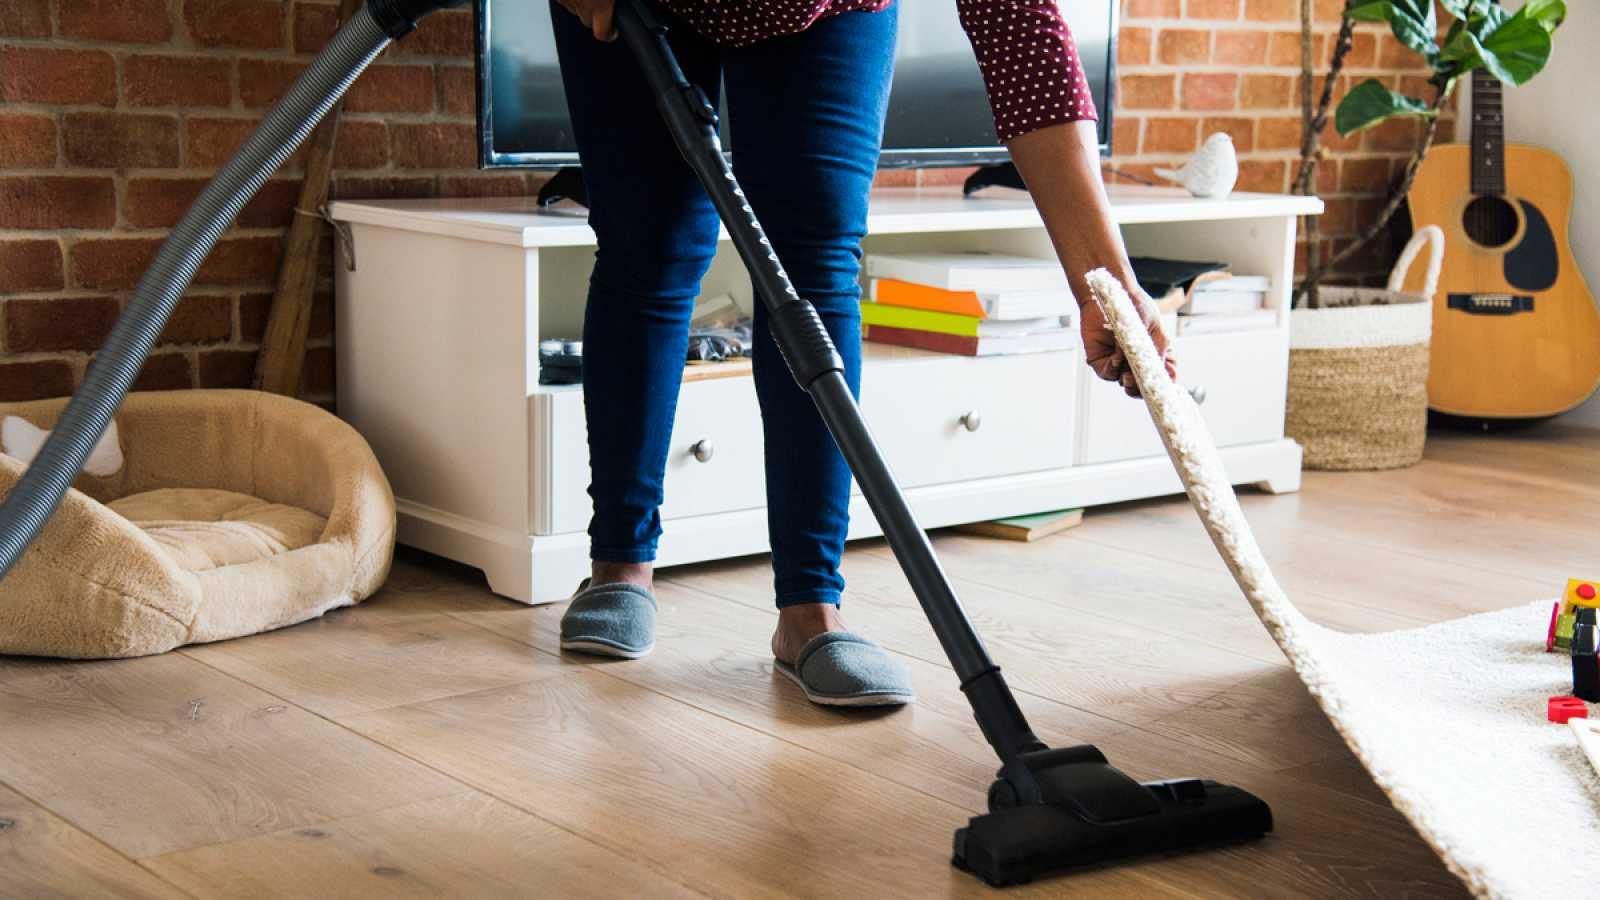 Limpian las casas, cuidan a niños, a mayores y a enfermos y muchas veces hacen posible la conciliación, pero si se quedan sin trabajo no tienen derecho a paro. En España hay más de 600.000 empleadas del hogar y una de cada tres no tiene contrato. Est